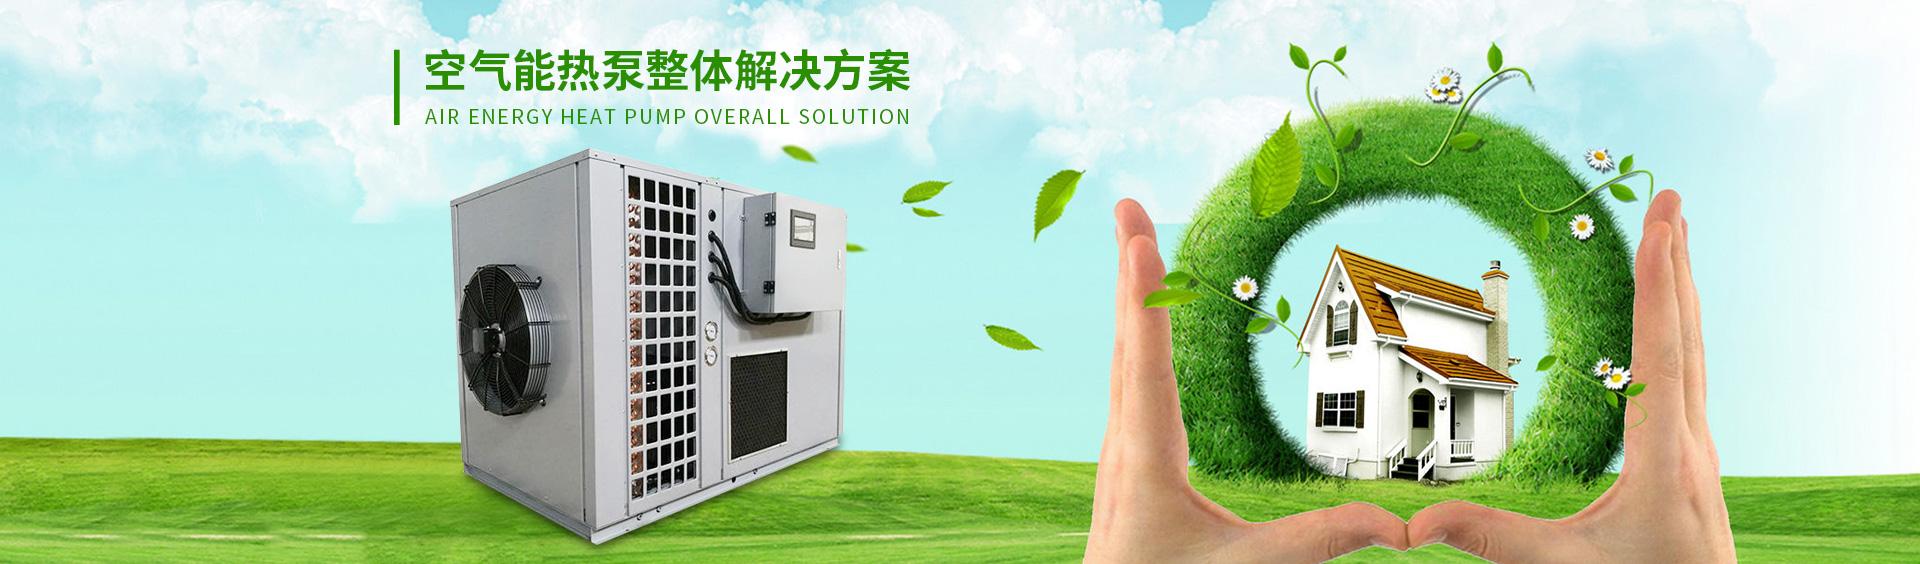 空气能热泵整体解决方案